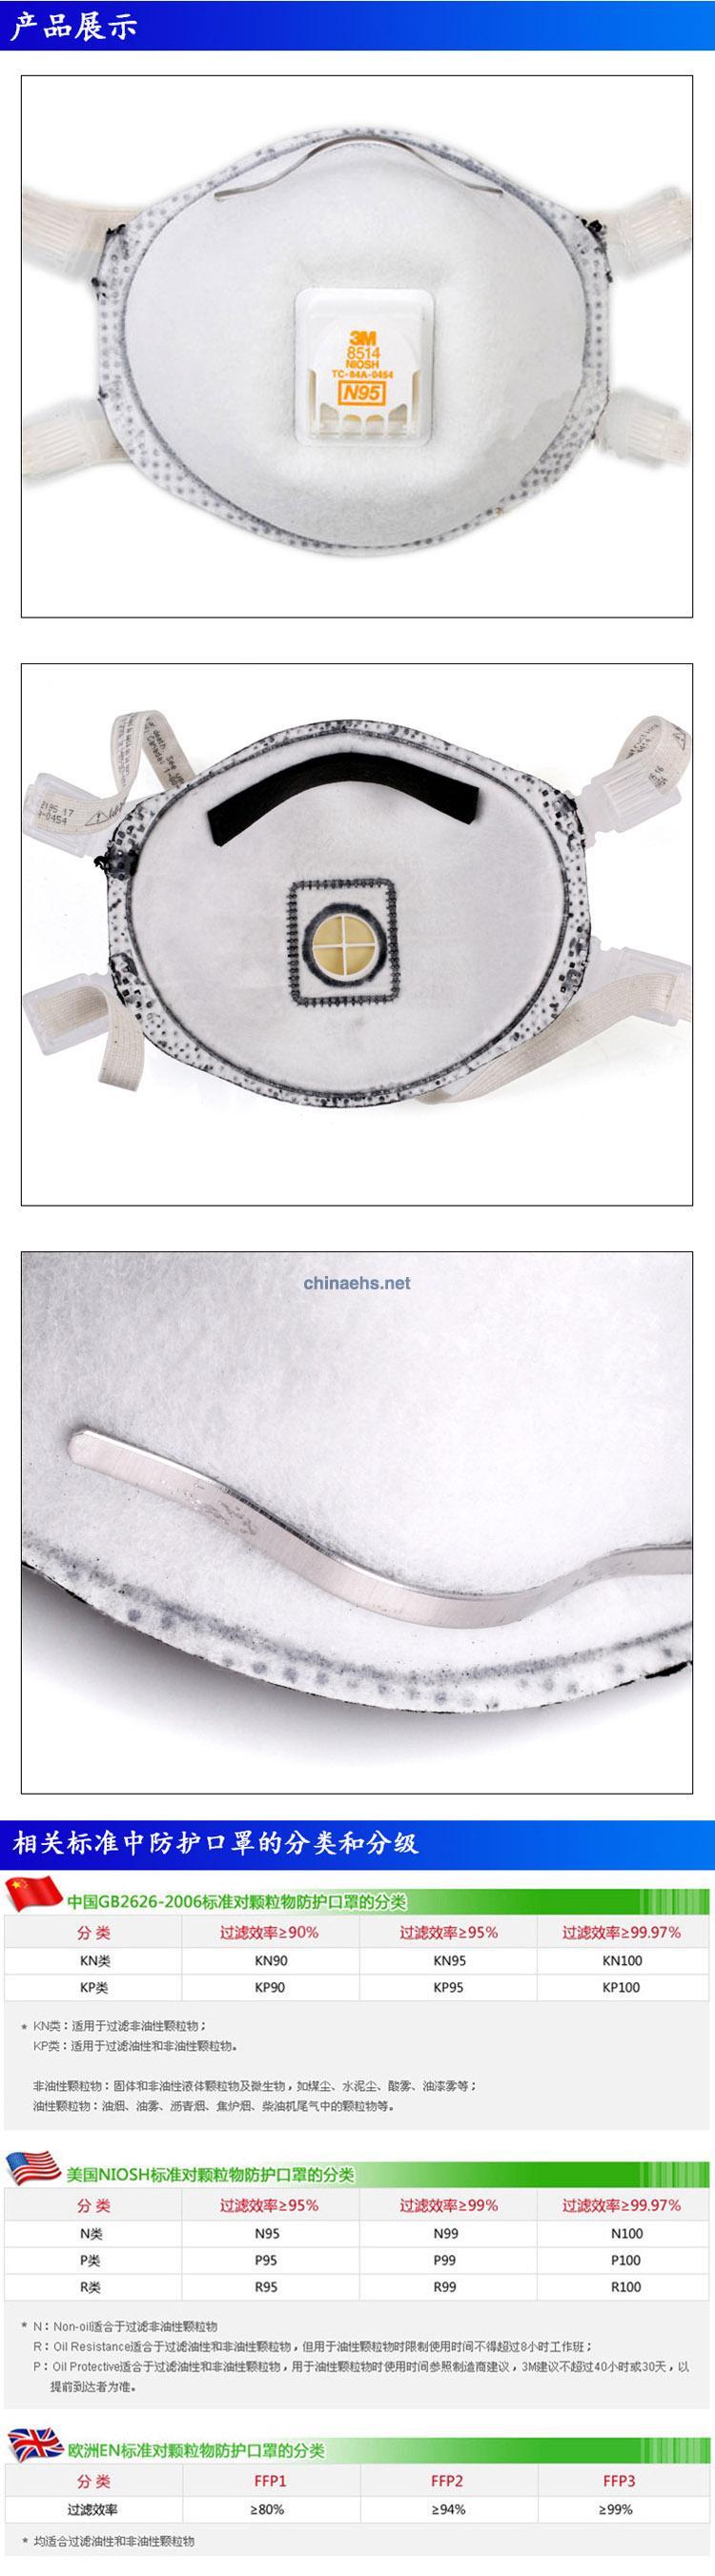 3M 8514 N95防护口罩(焊接专用)